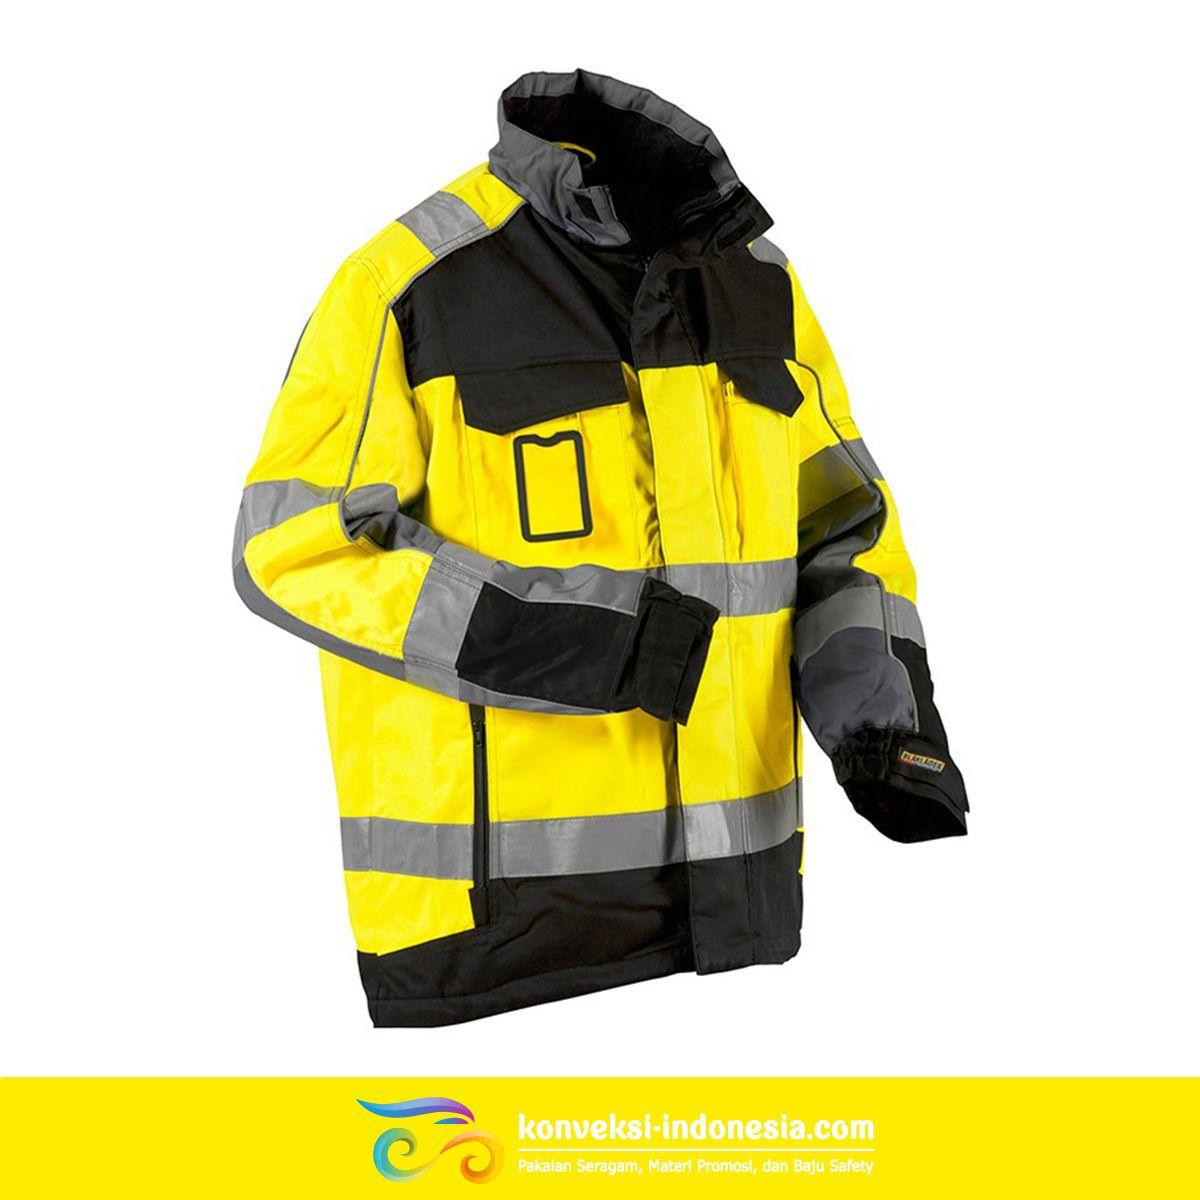 Wearpack Baju Kerja Size 6 L Lihat Daftar Harga Terkini Dan Safety Werpak Wearpak Setelan Celana 3triocollection 7 Coverall Seragam